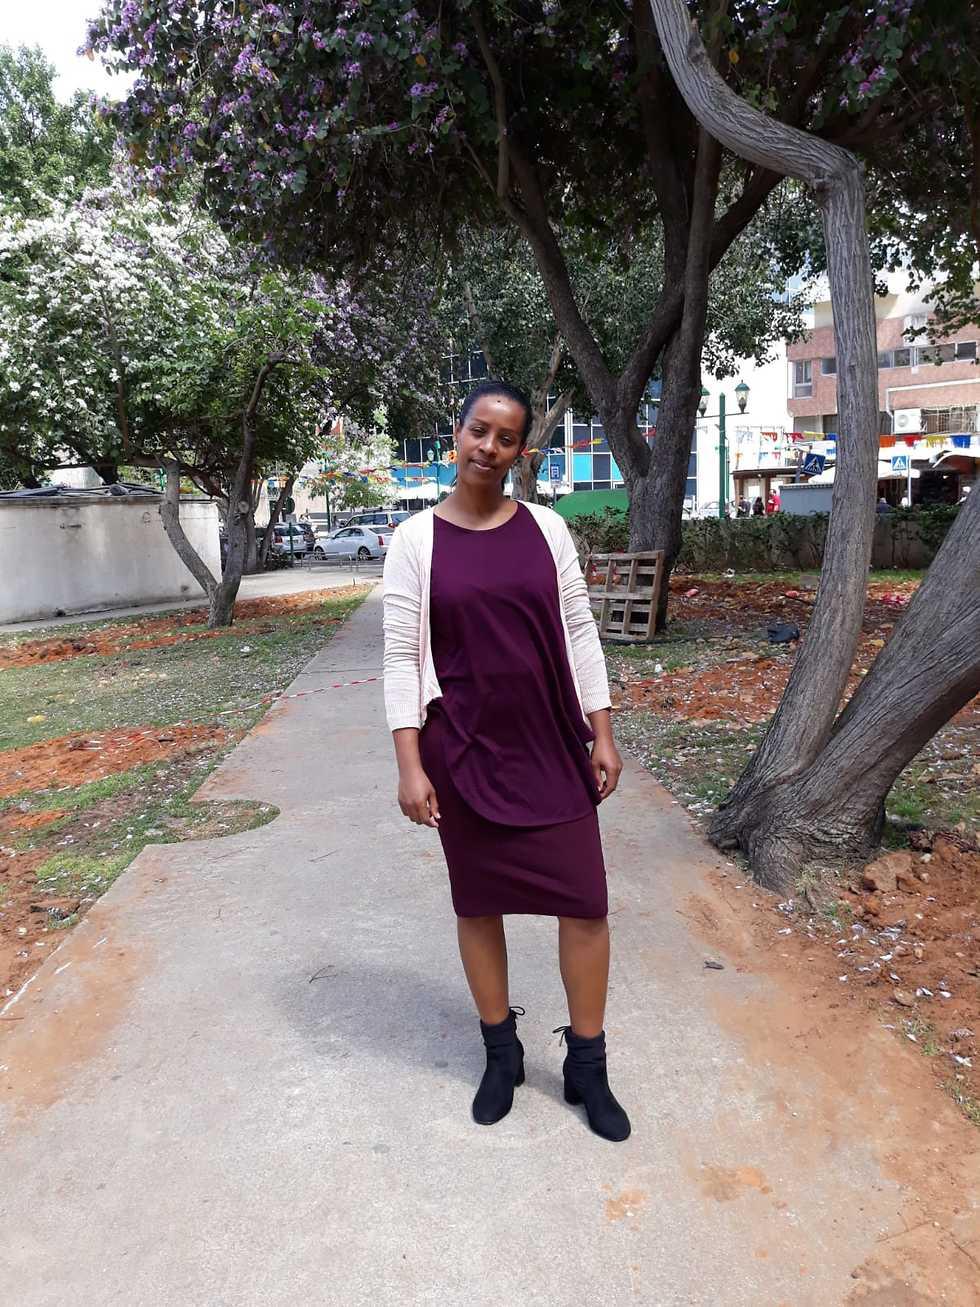 טובה וורקנך - שורדת המסע מאתיופיה לישראל (צילום: ליאם וורקנך )